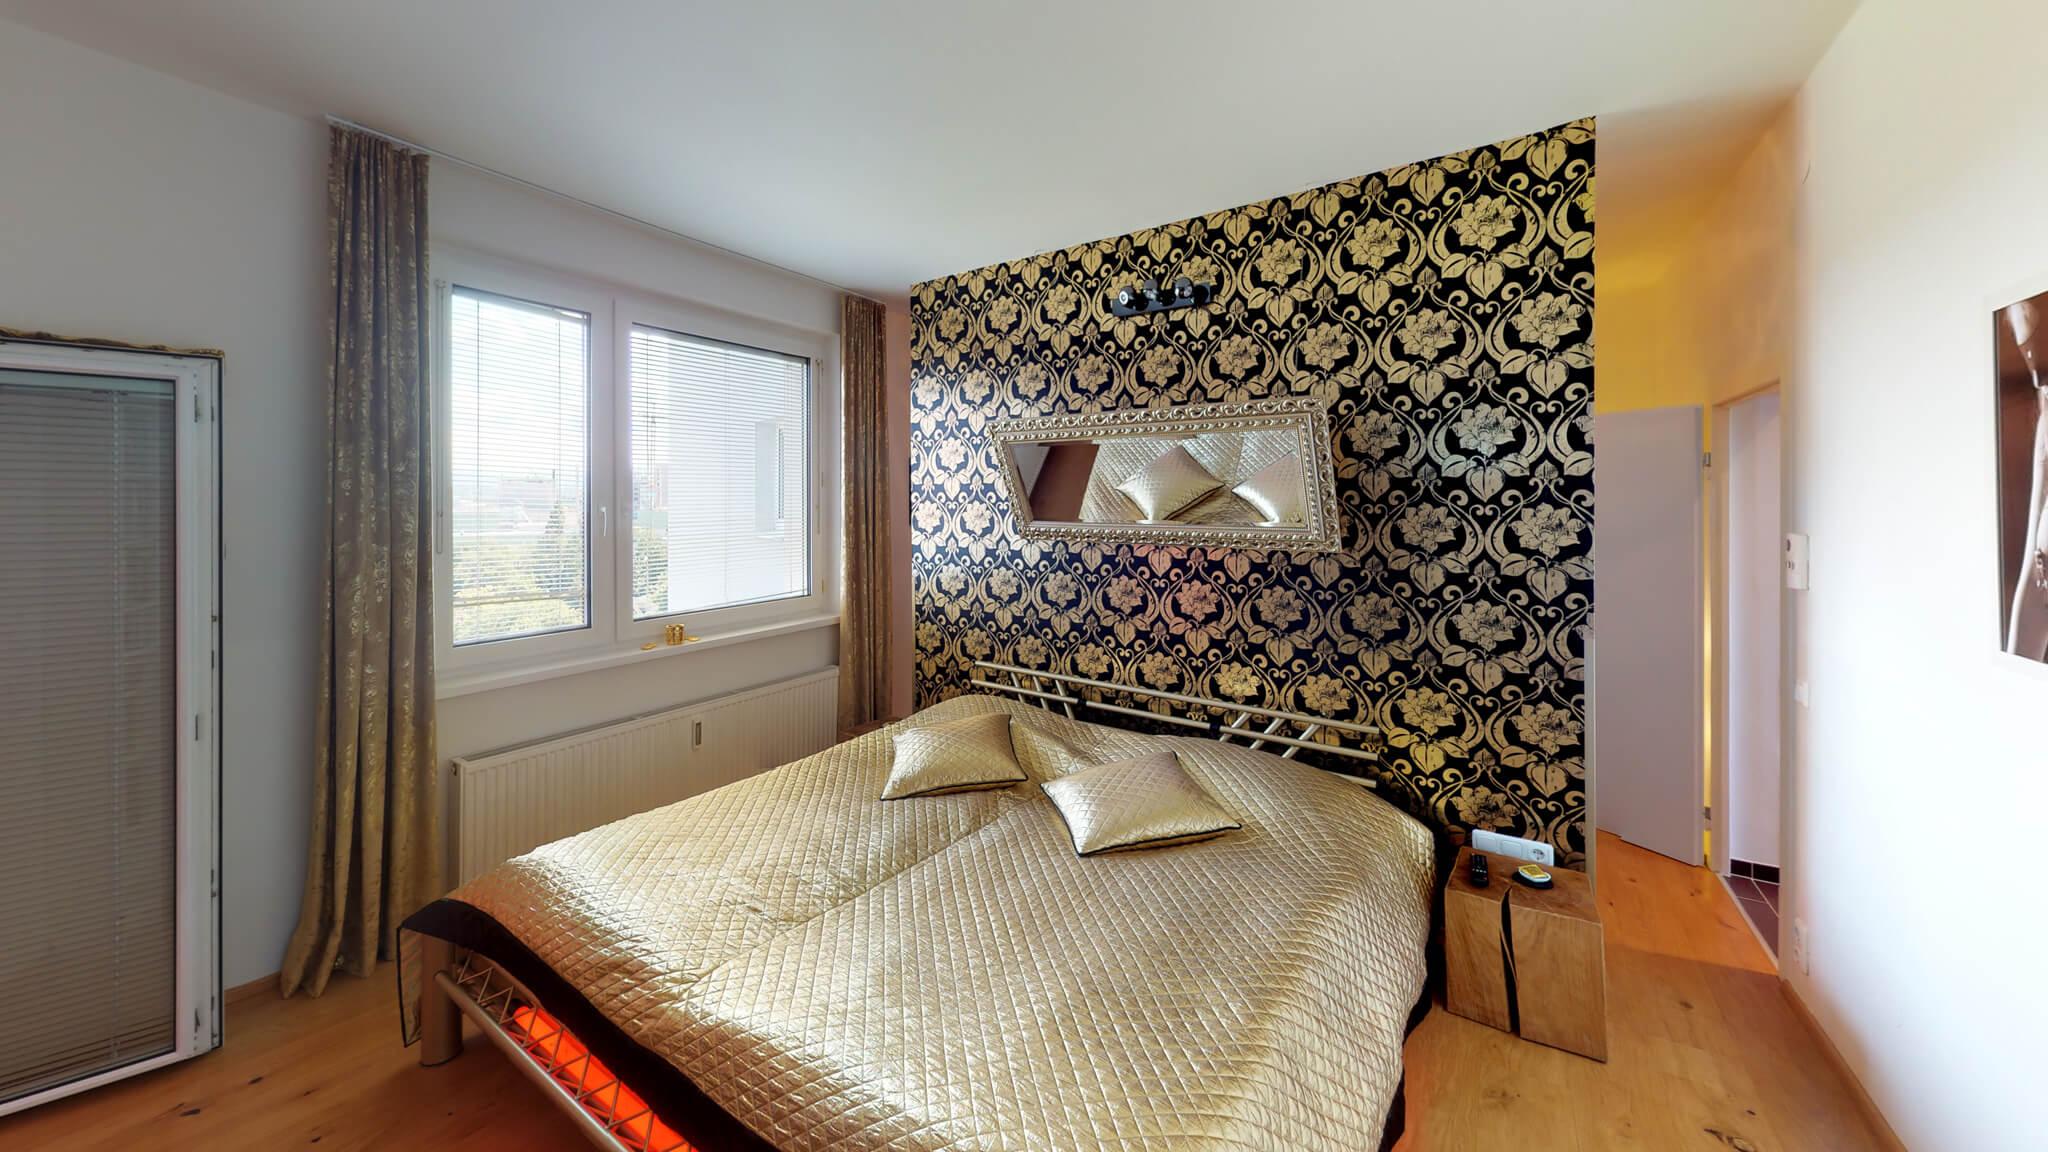 Spiegel über dem Bett für Beobachtungen im Bett